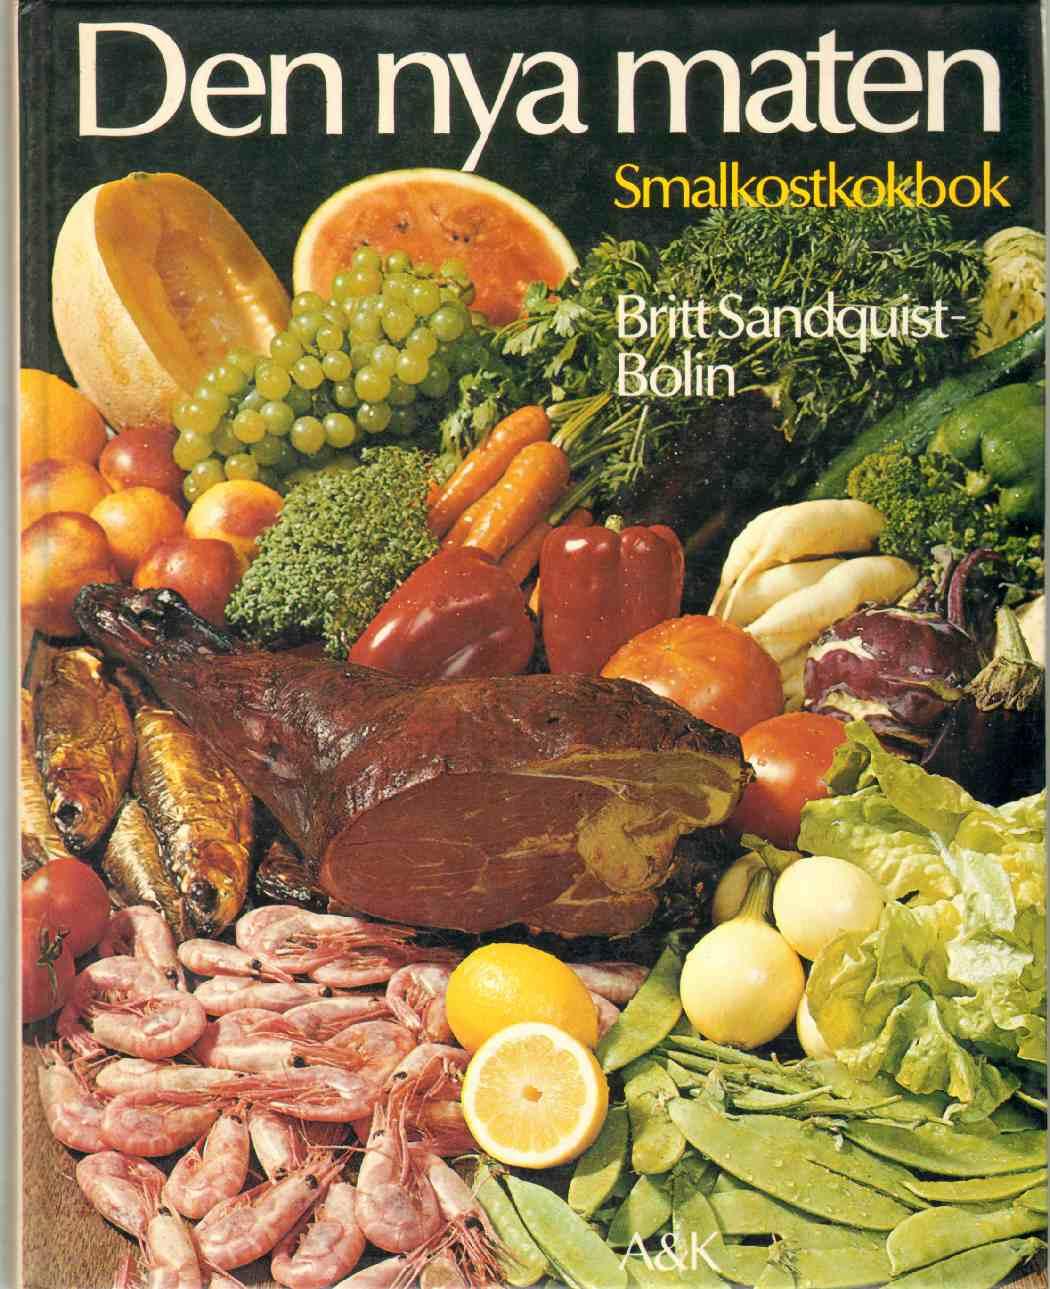 Image for DEN NYA MATEN Smalkostkokbok